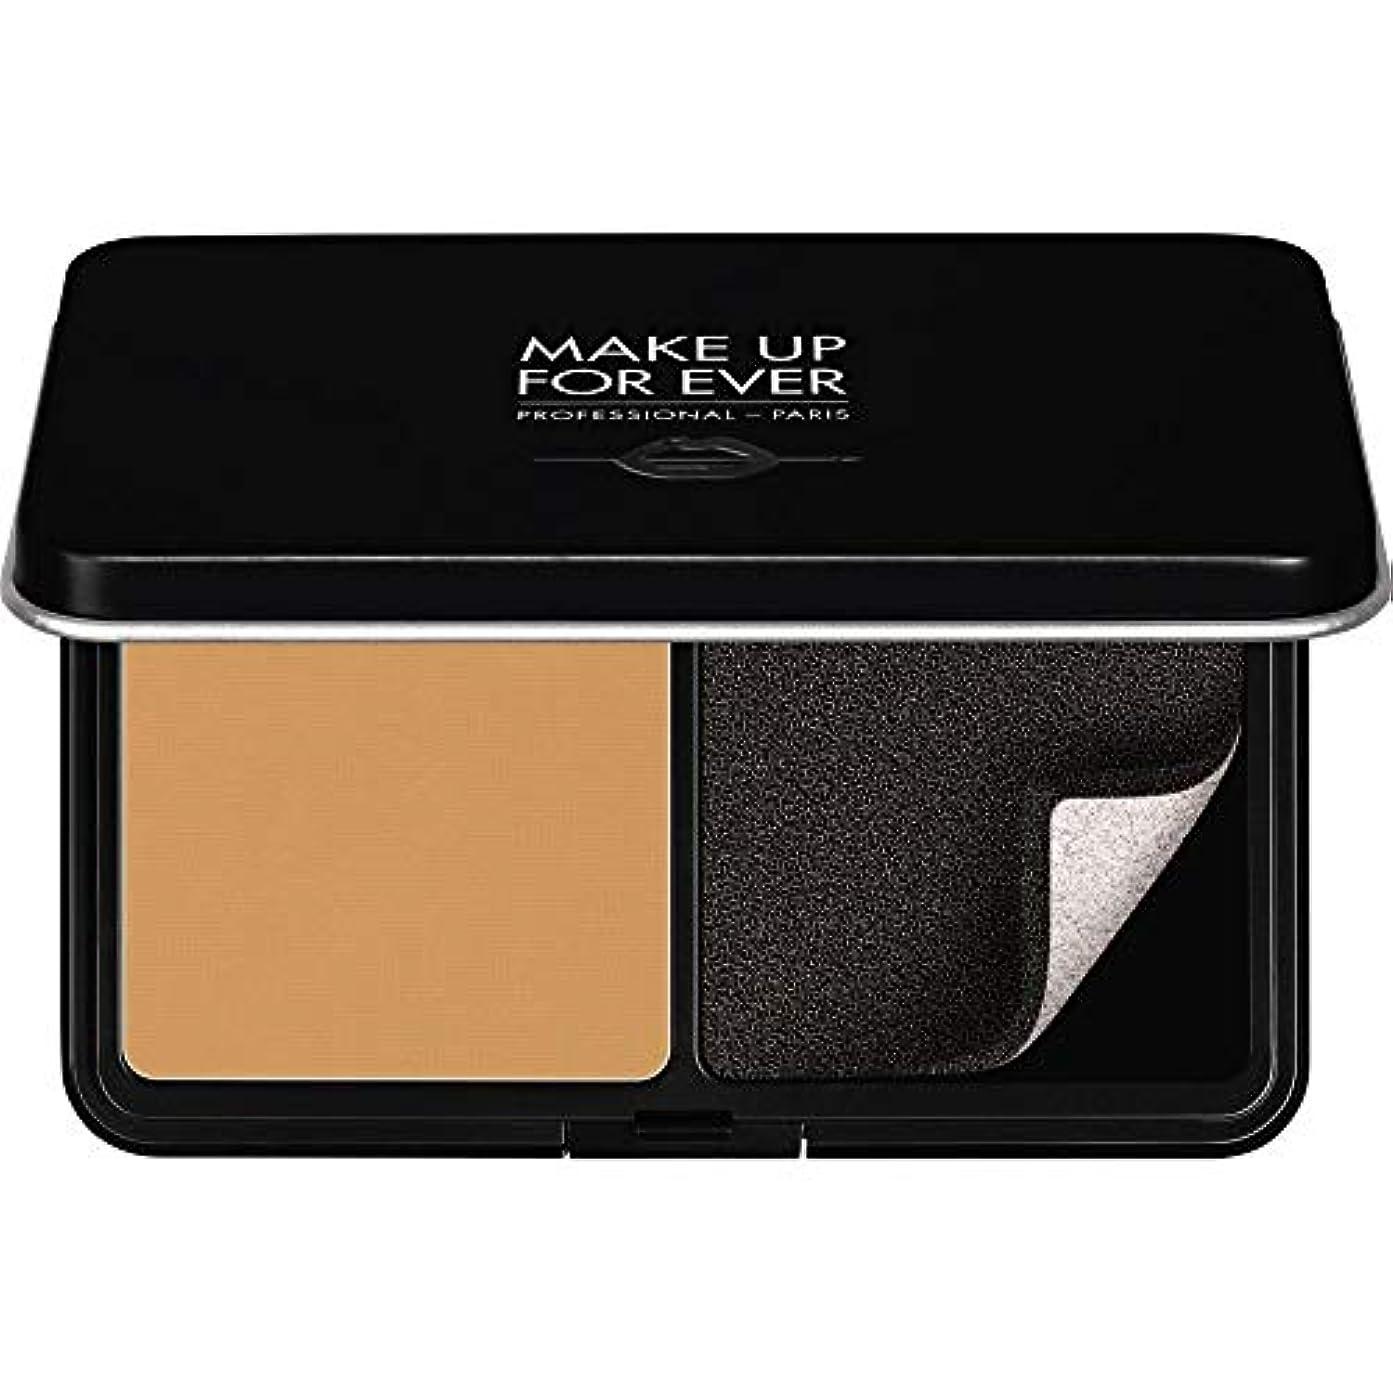 驚かす保持する検出する[MAKE UP FOR EVER ] パウダーファンデーション11GののY405をぼかし、これまでマットベルベットの肌を補う - 黄金の蜂蜜 - MAKE UP FOR EVER Matte Velvet Skin Blurring...